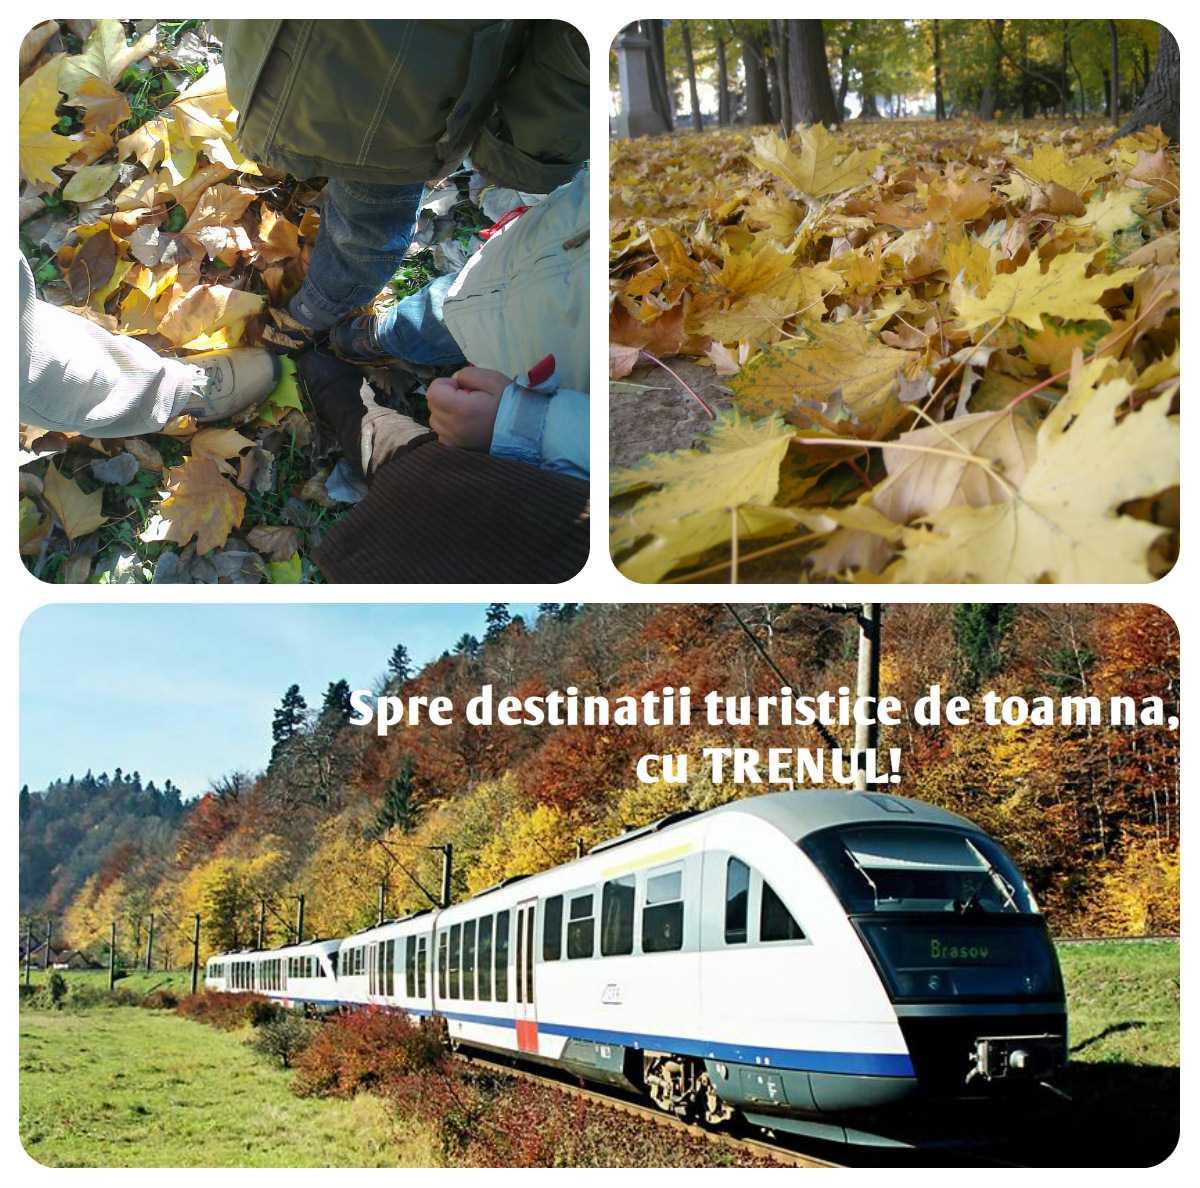 Spre destinaţii turistice de toamnă, cu trenul!